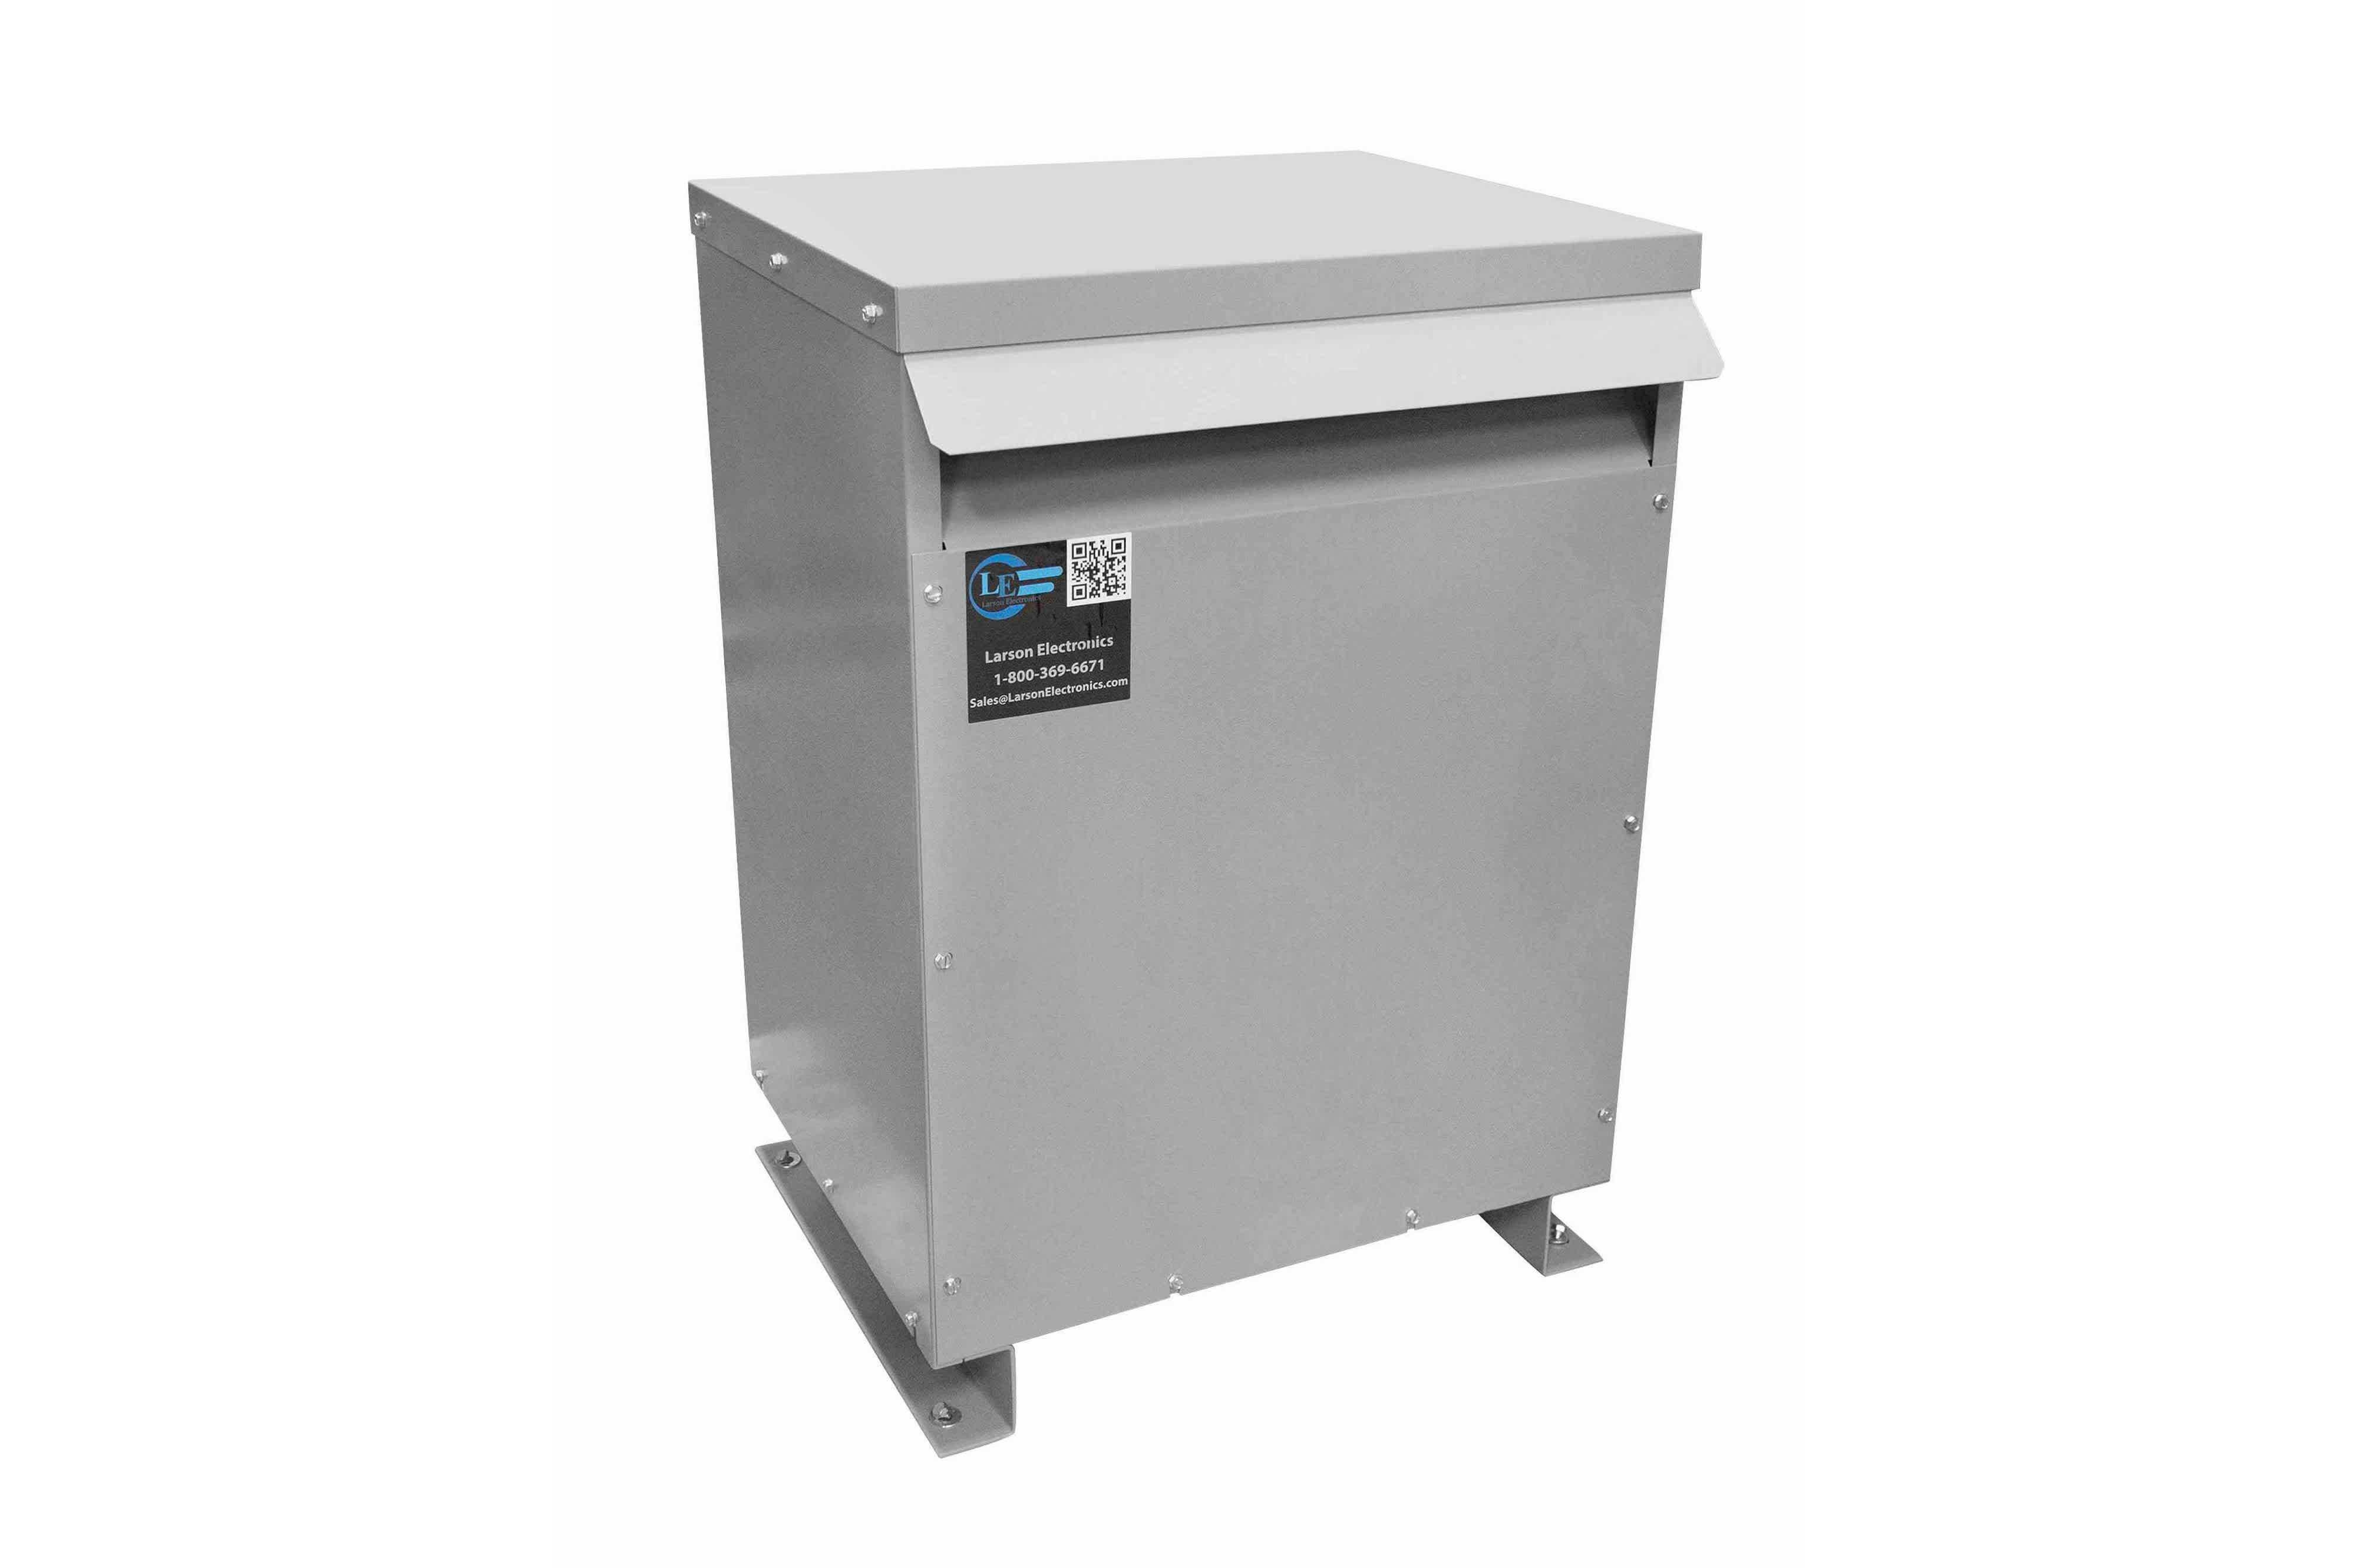 28 kVA 3PH Isolation Transformer, 380V Delta Primary, 208V Delta Secondary, N3R, Ventilated, 60 Hz